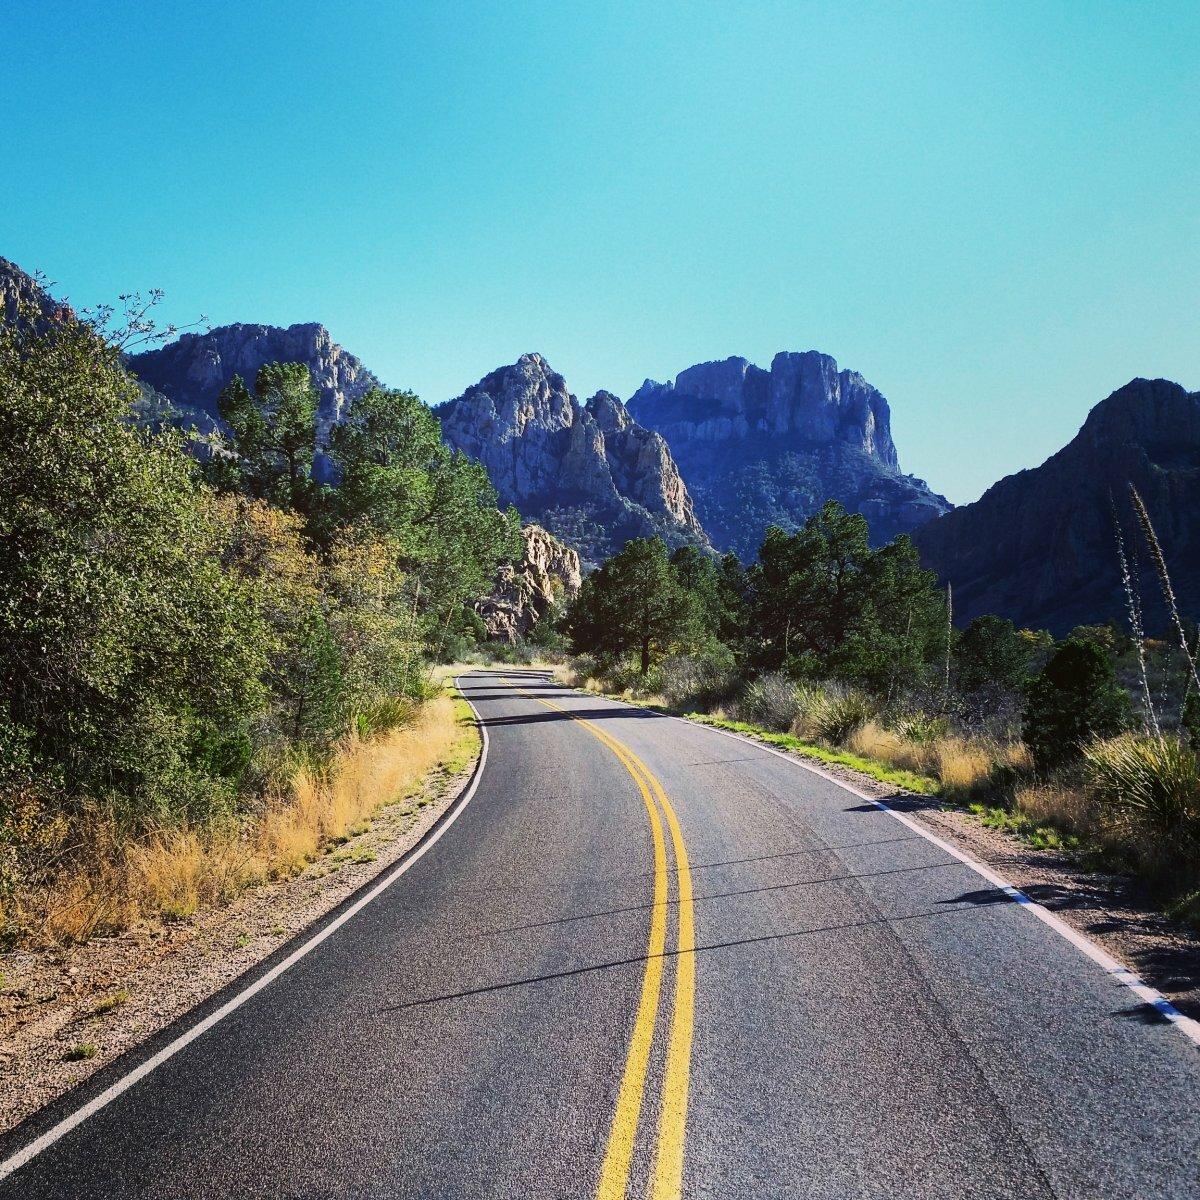 Картинки дорог фото дорог